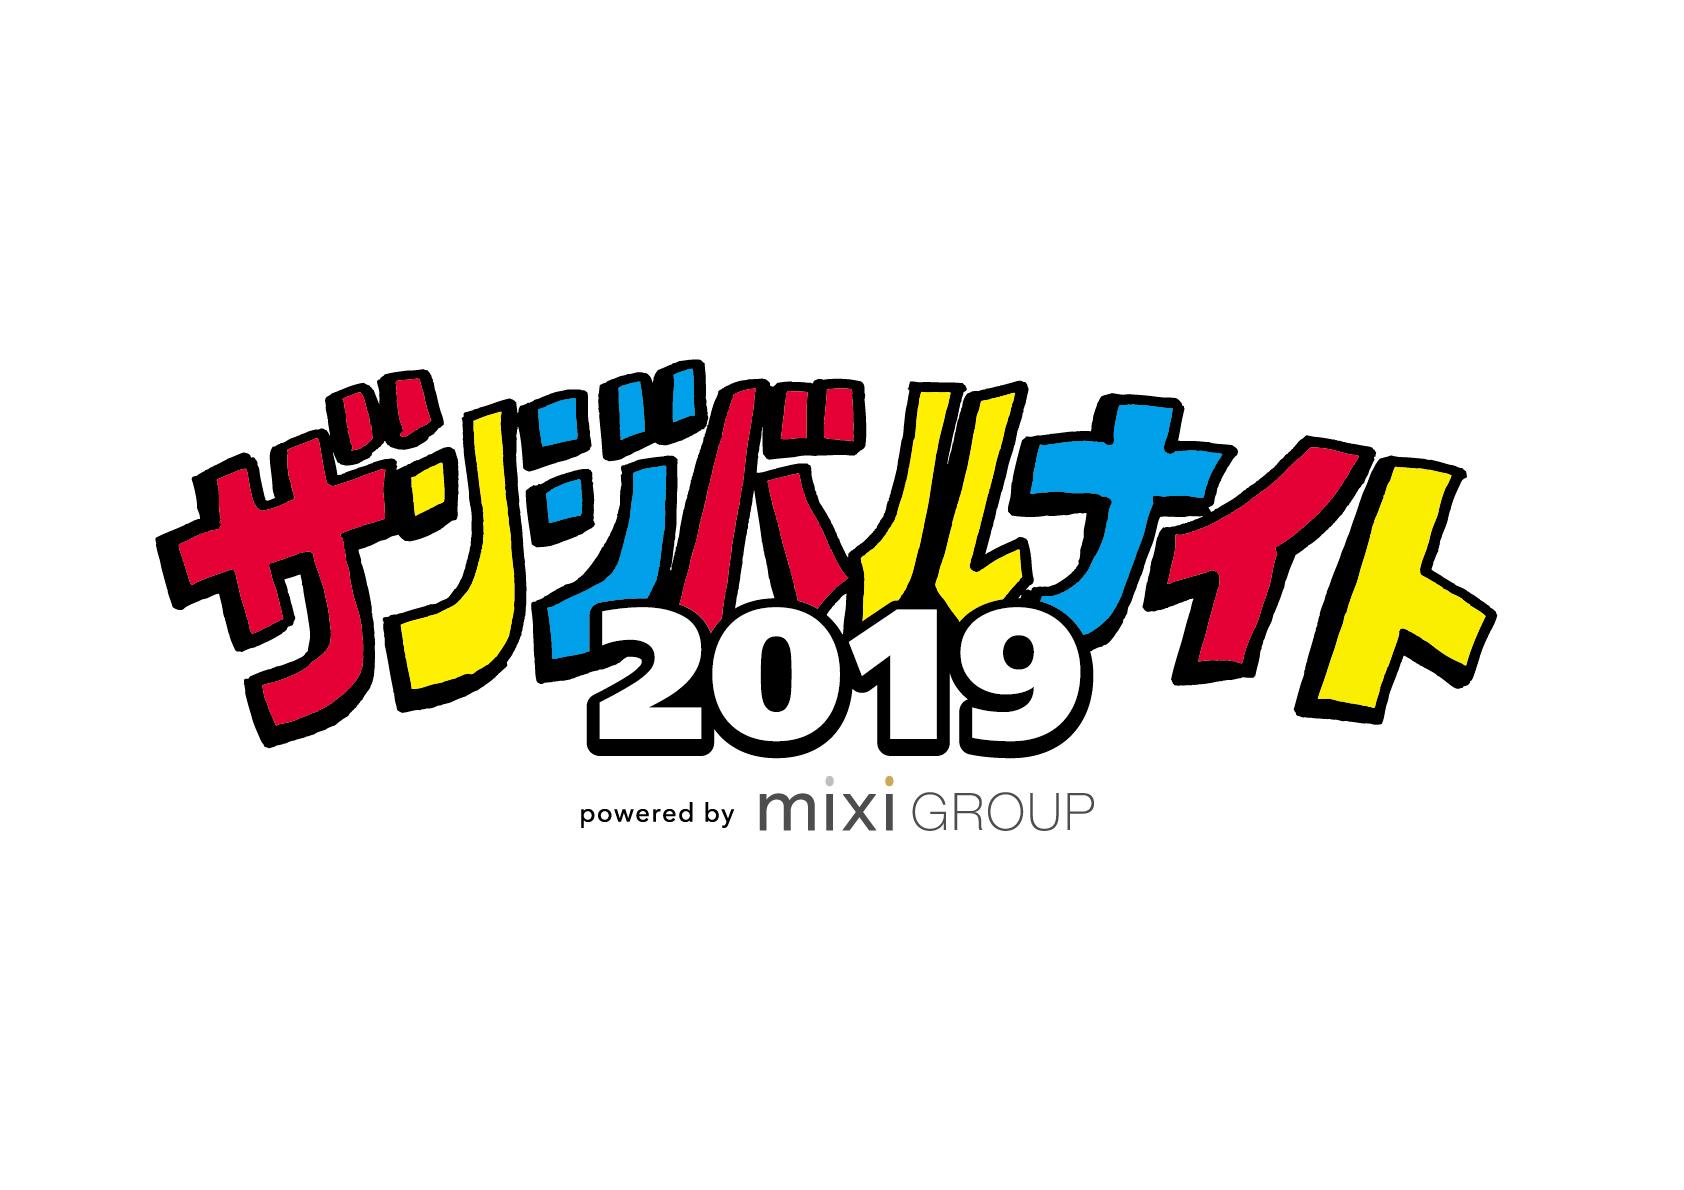 【イベント情報】「ザンジバルナイト2019 -powered by mixi GROUP-」星屑スキャットのゲスト出演が決定!